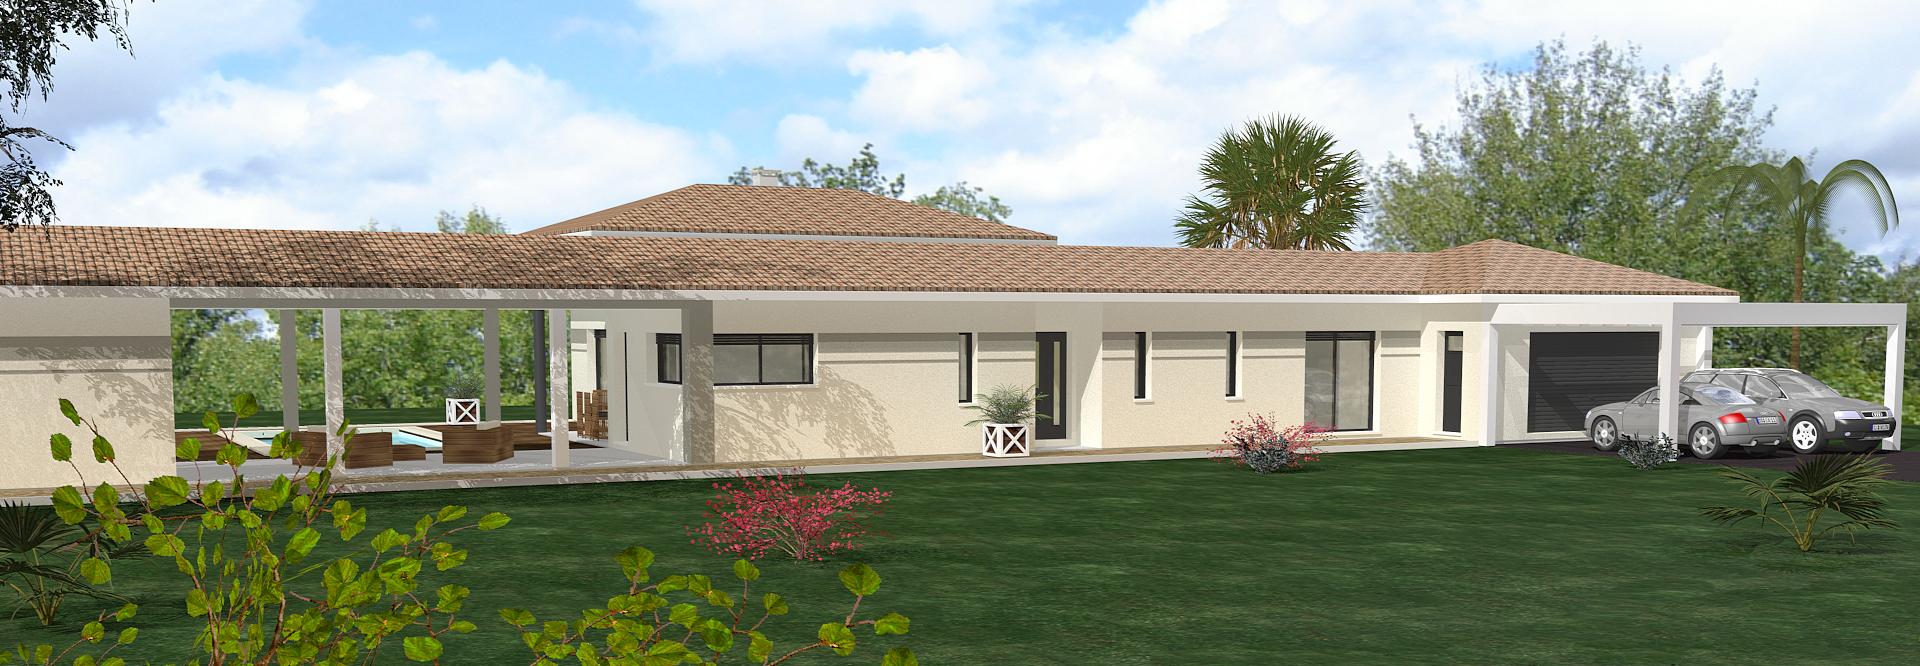 Constructeur maison d architecte gironde for Architecte constructeur